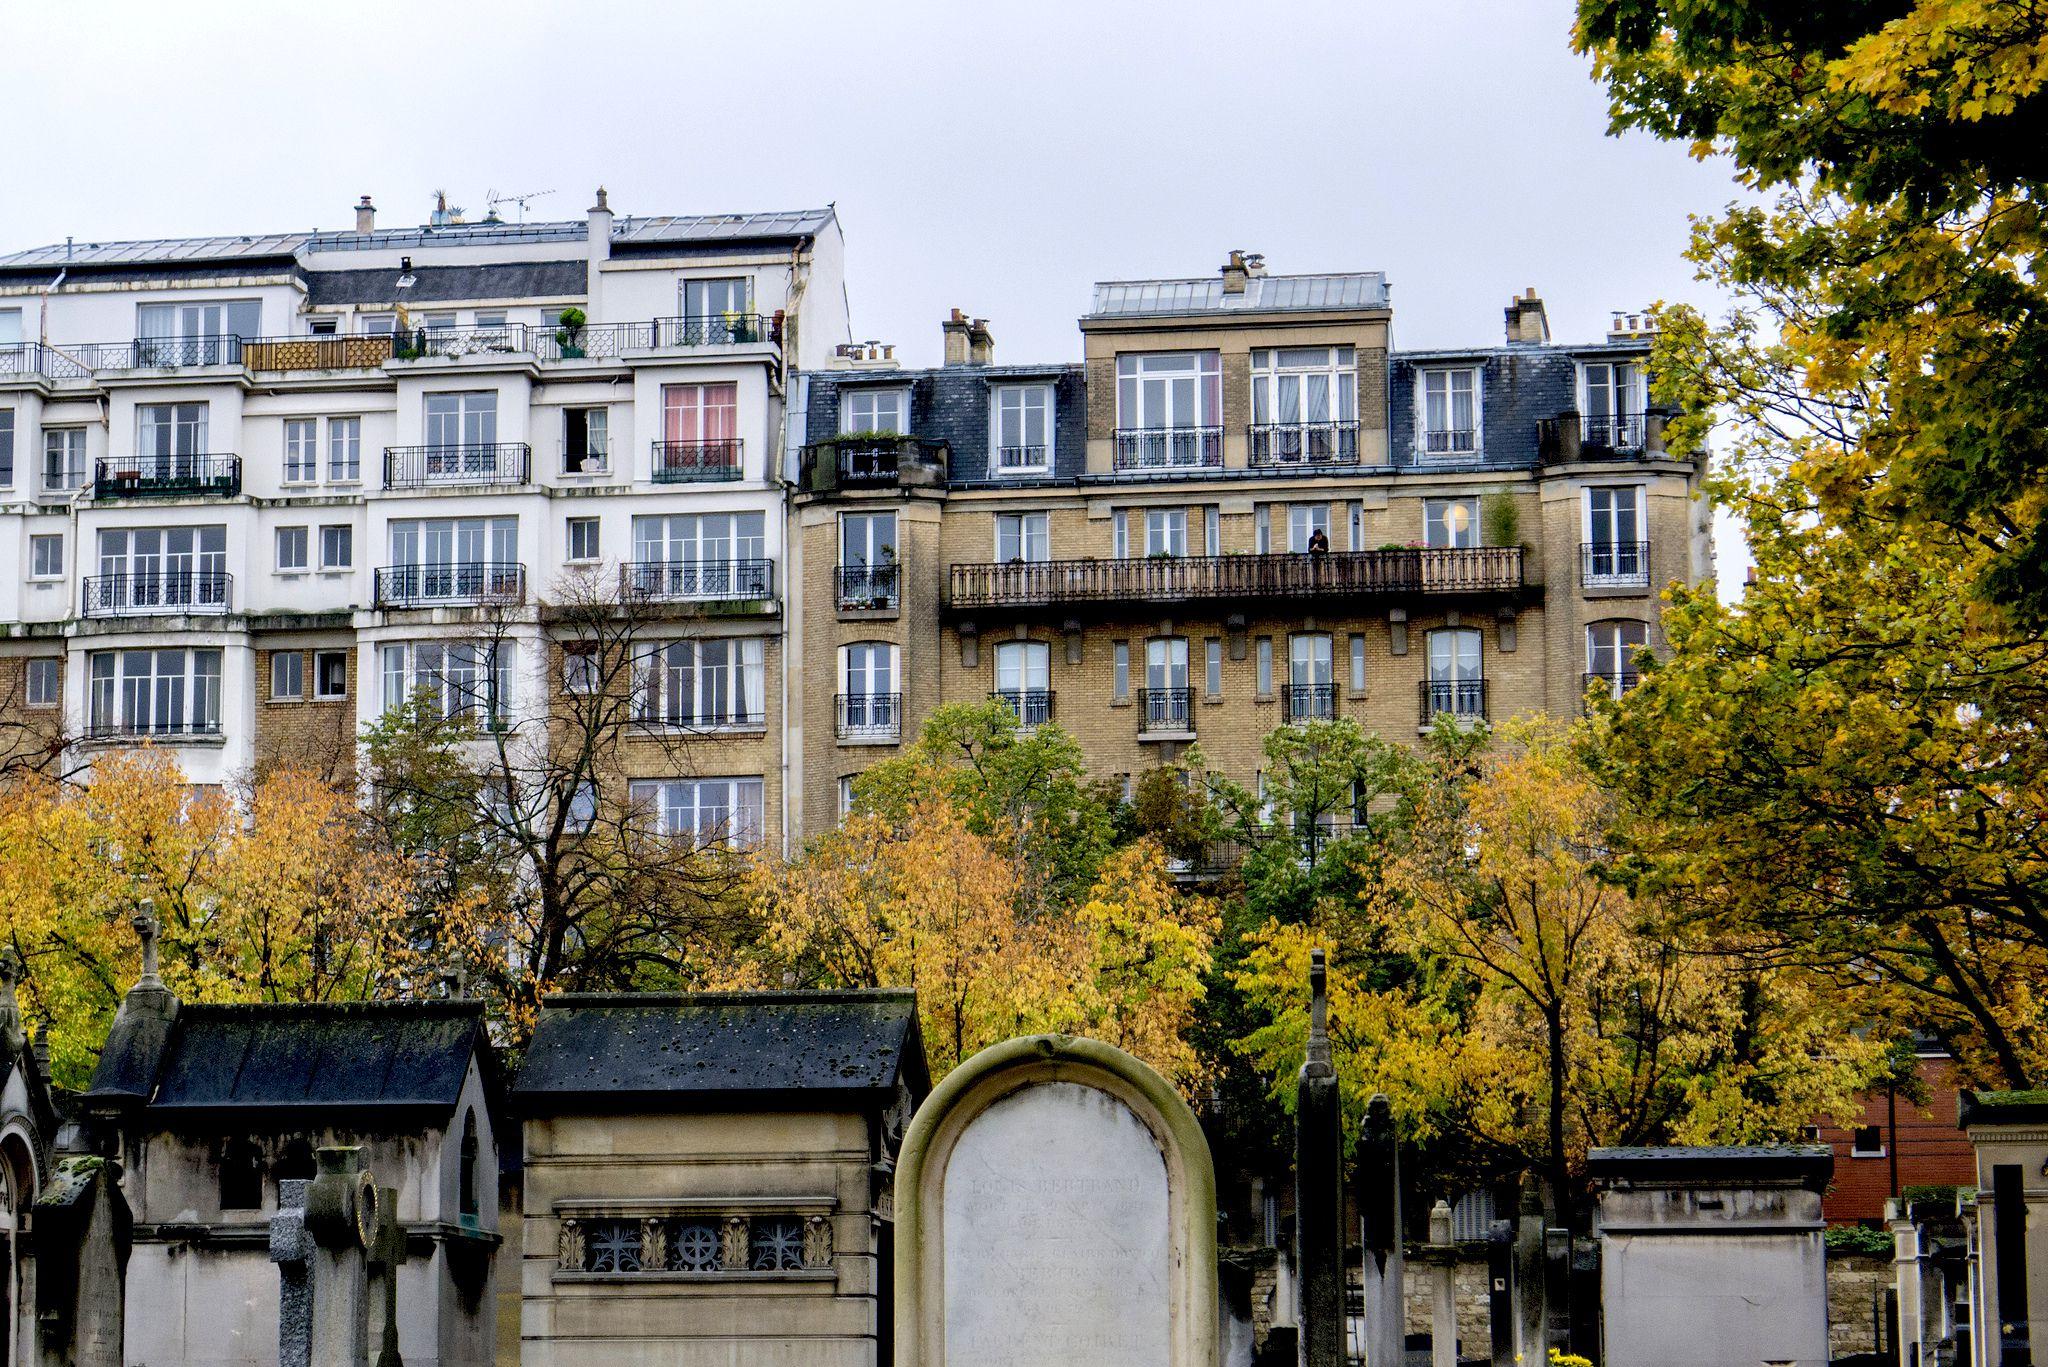 montparnasse-Alans1948-ccl.jpg